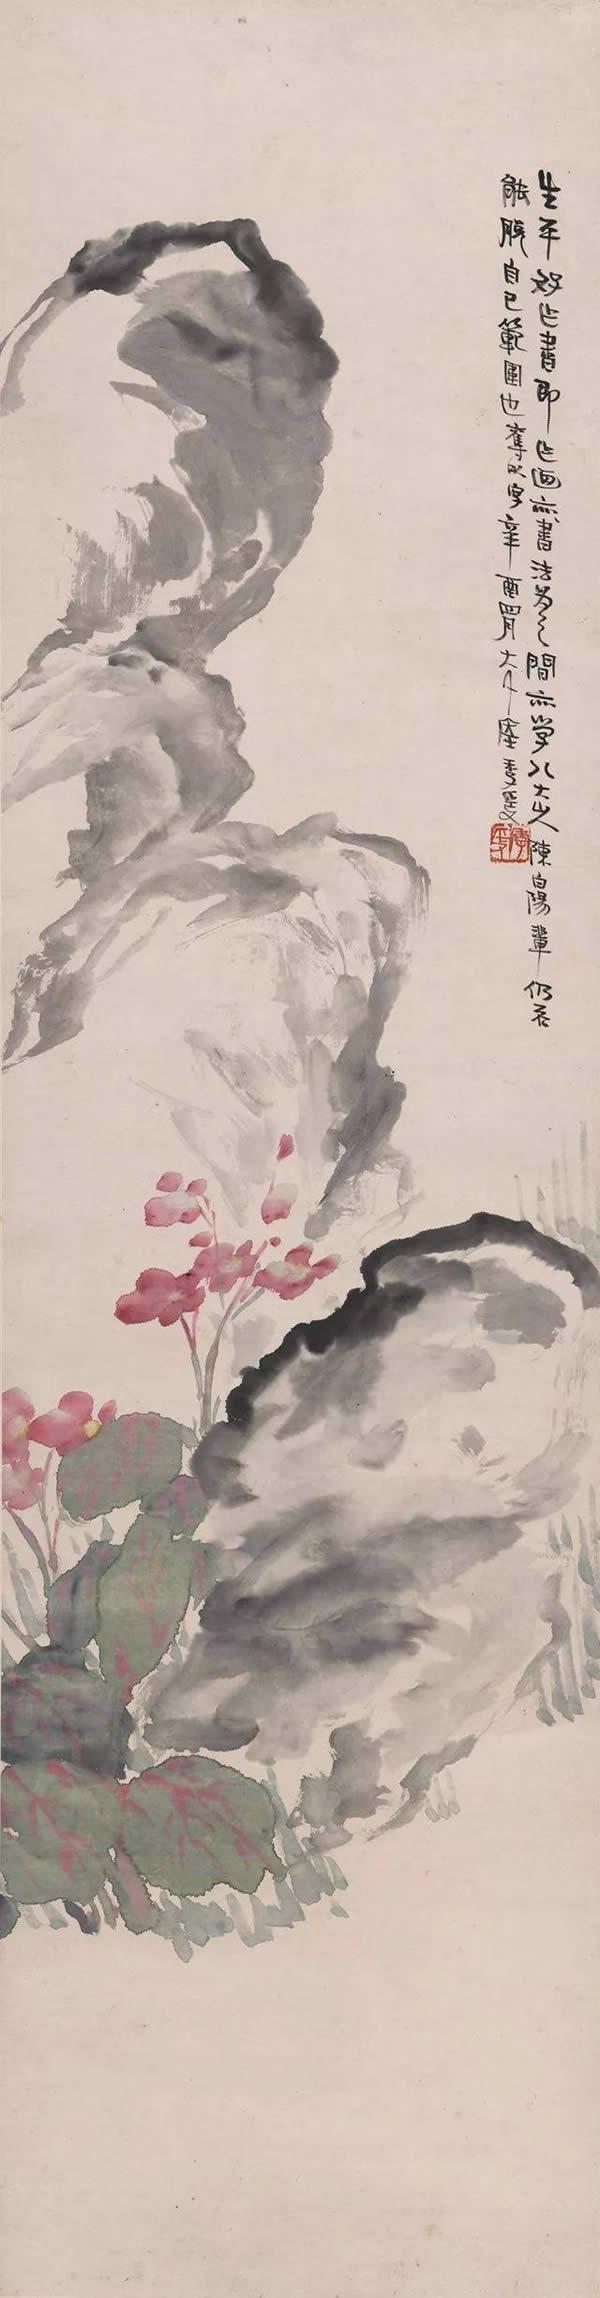 张大千 叠石海棠图